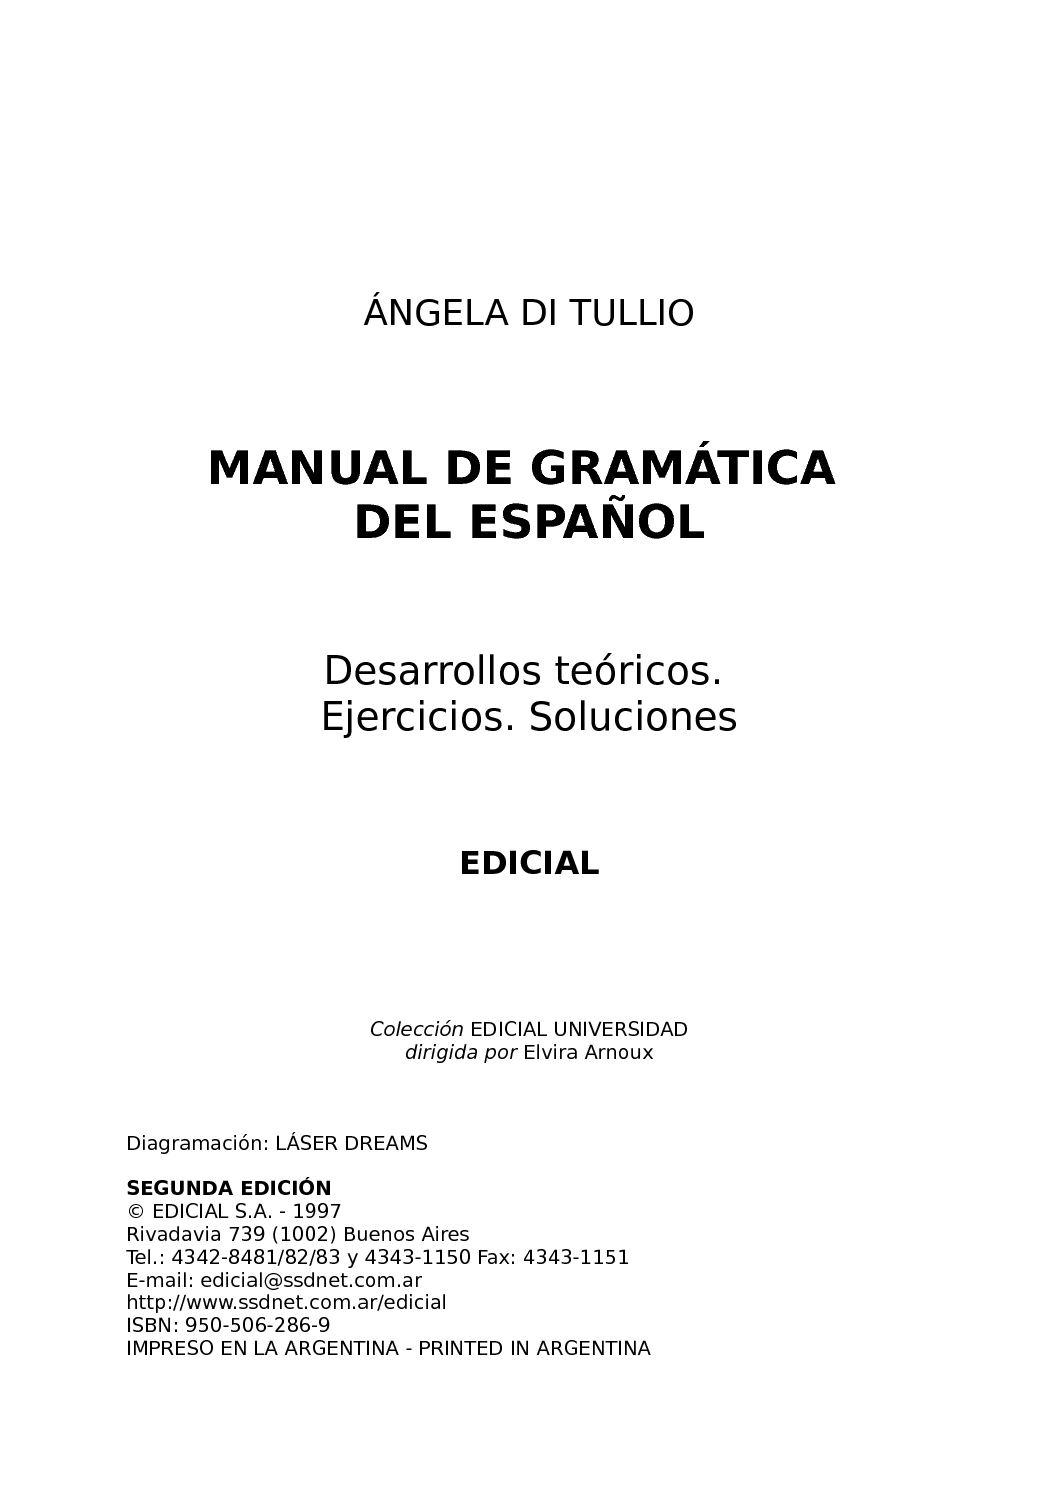 Calaméo - MANUAL DE GRAMÁTICA